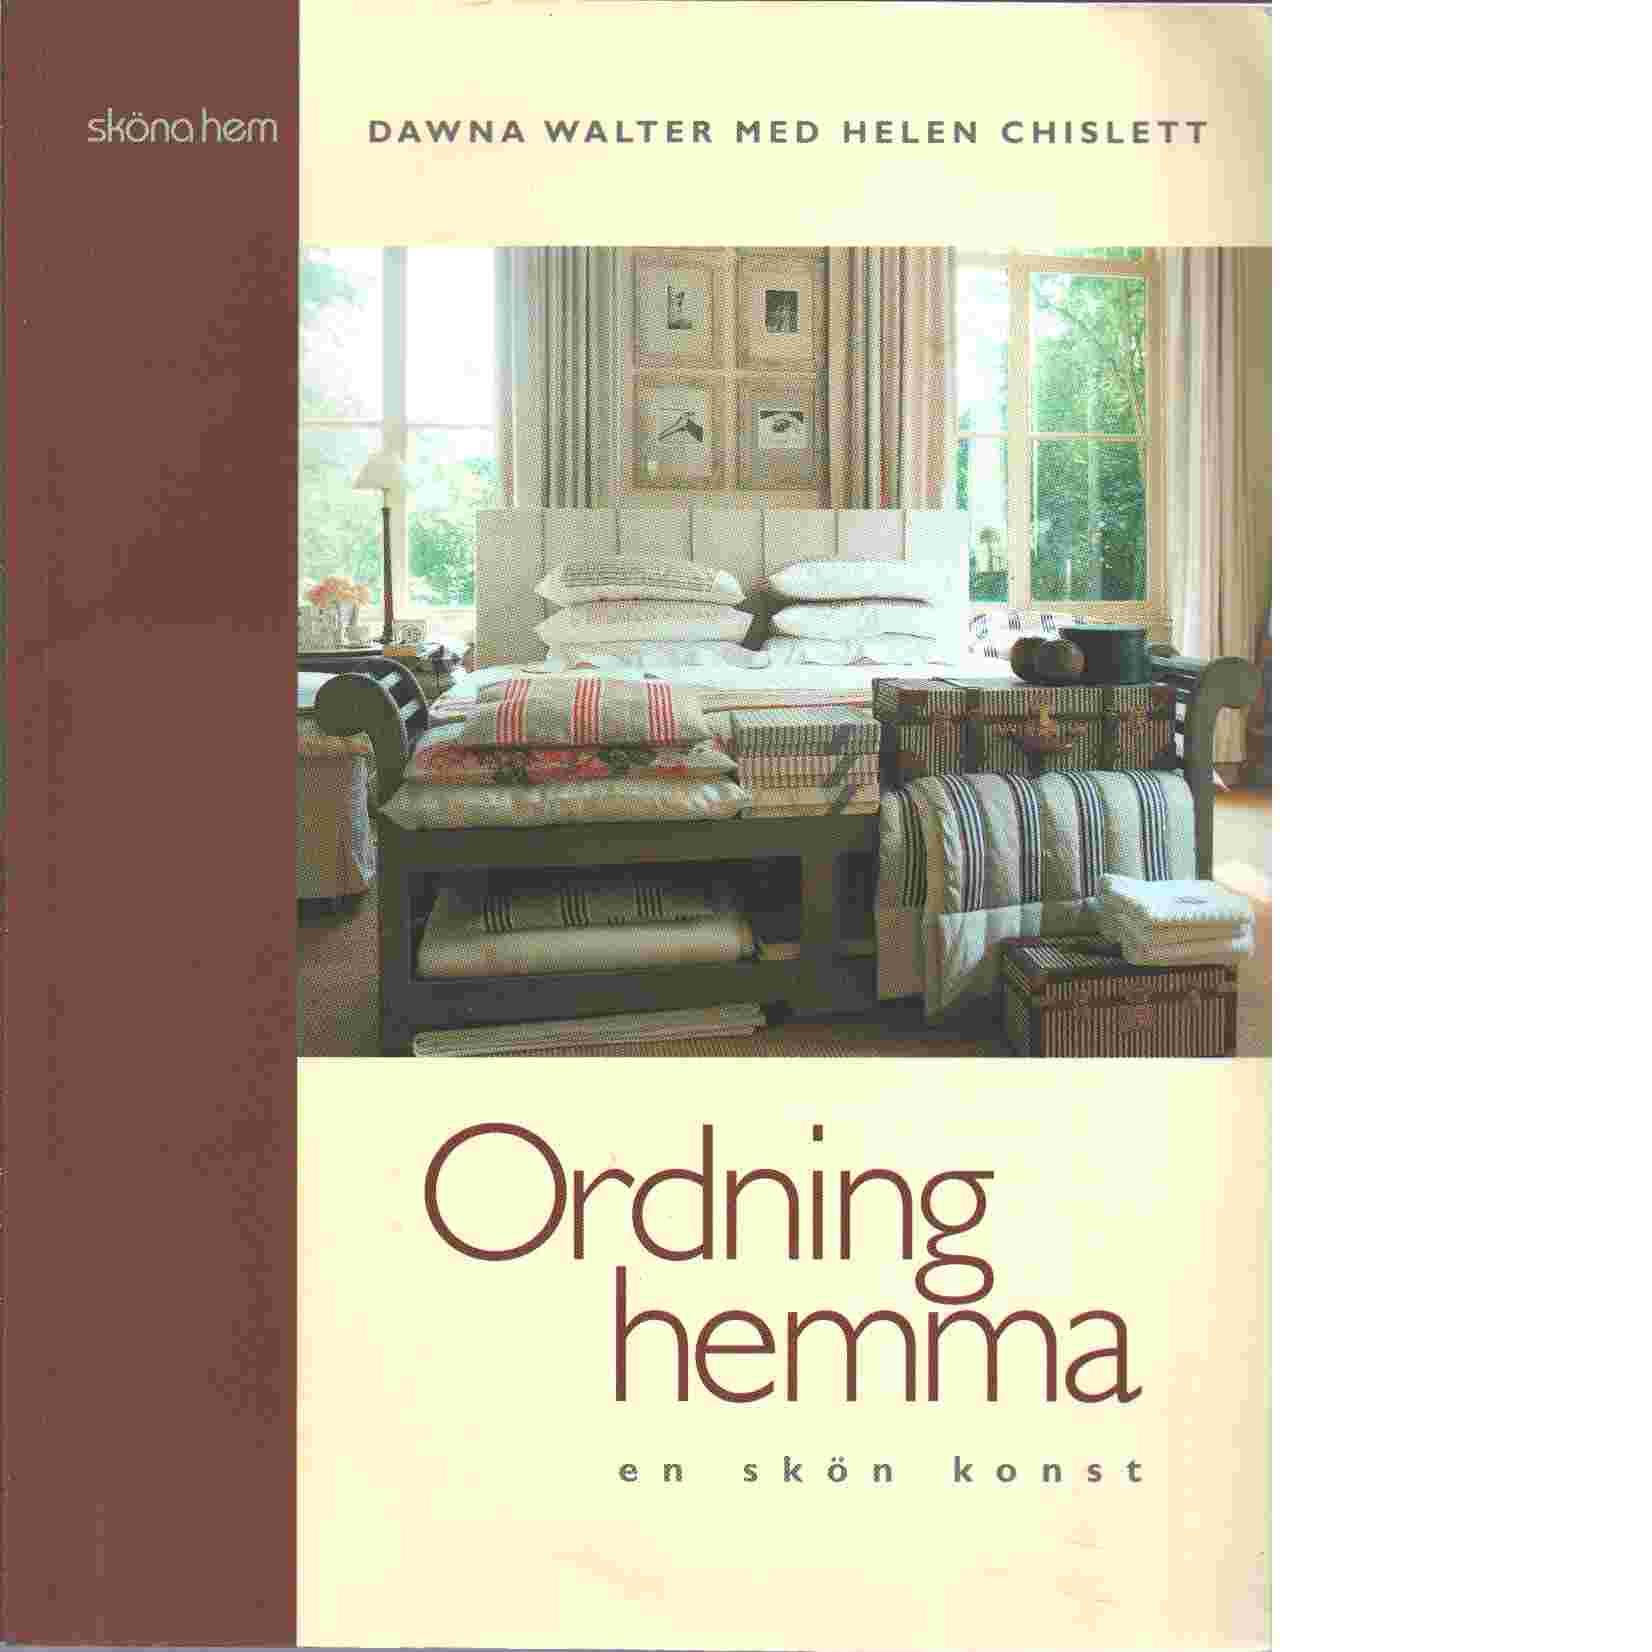 Ordning hemma en skön konst - Walter Dawna